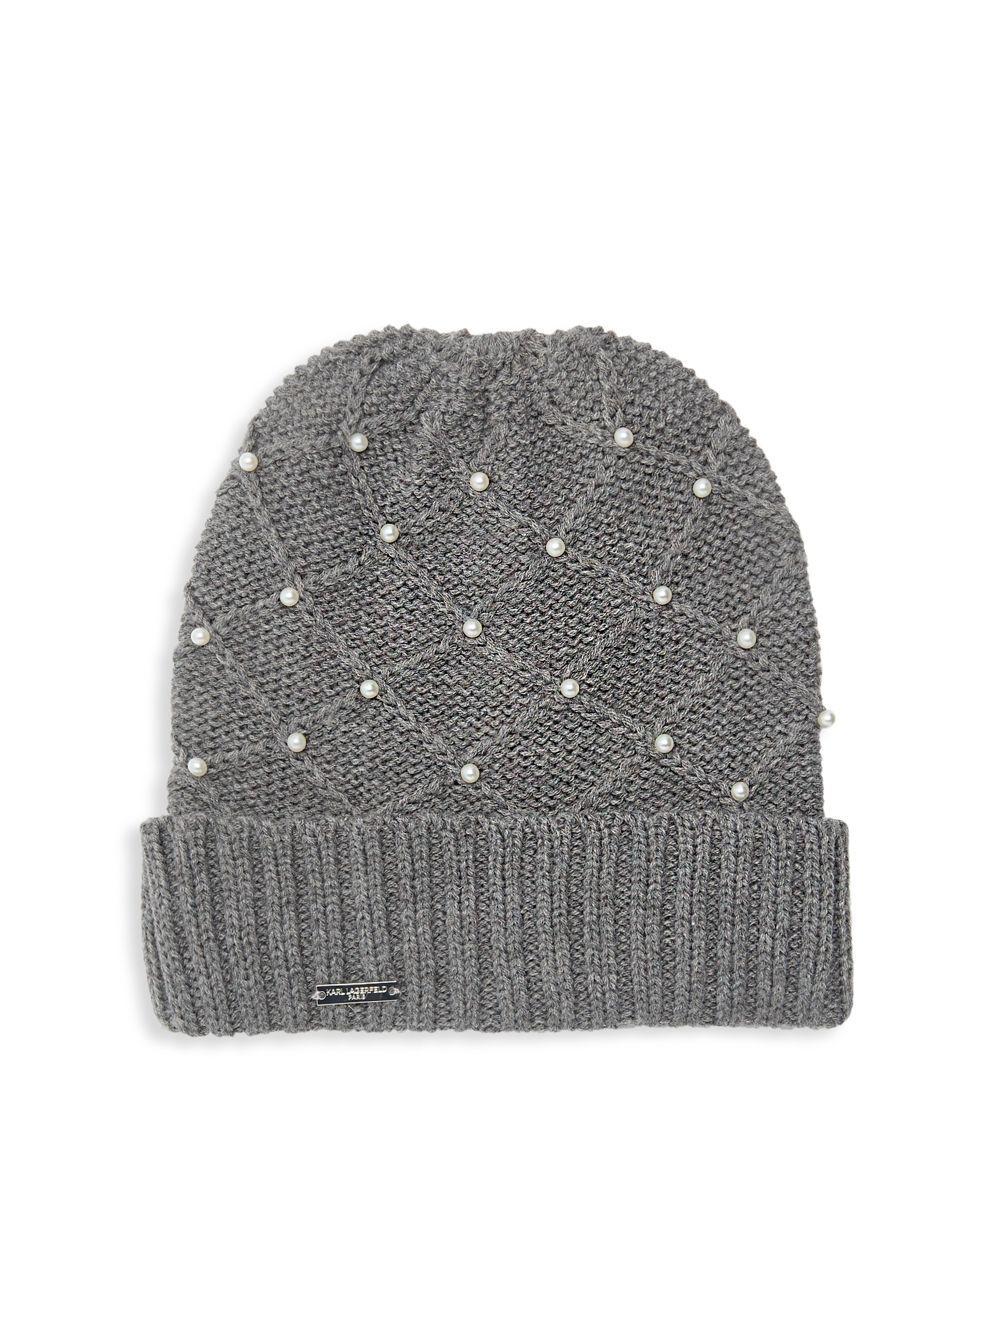 26fadcdb81b 4976c ae3fa  canada karl lagerfeld. womens gray diamond knit faux pearl hat  d0d80 0a865